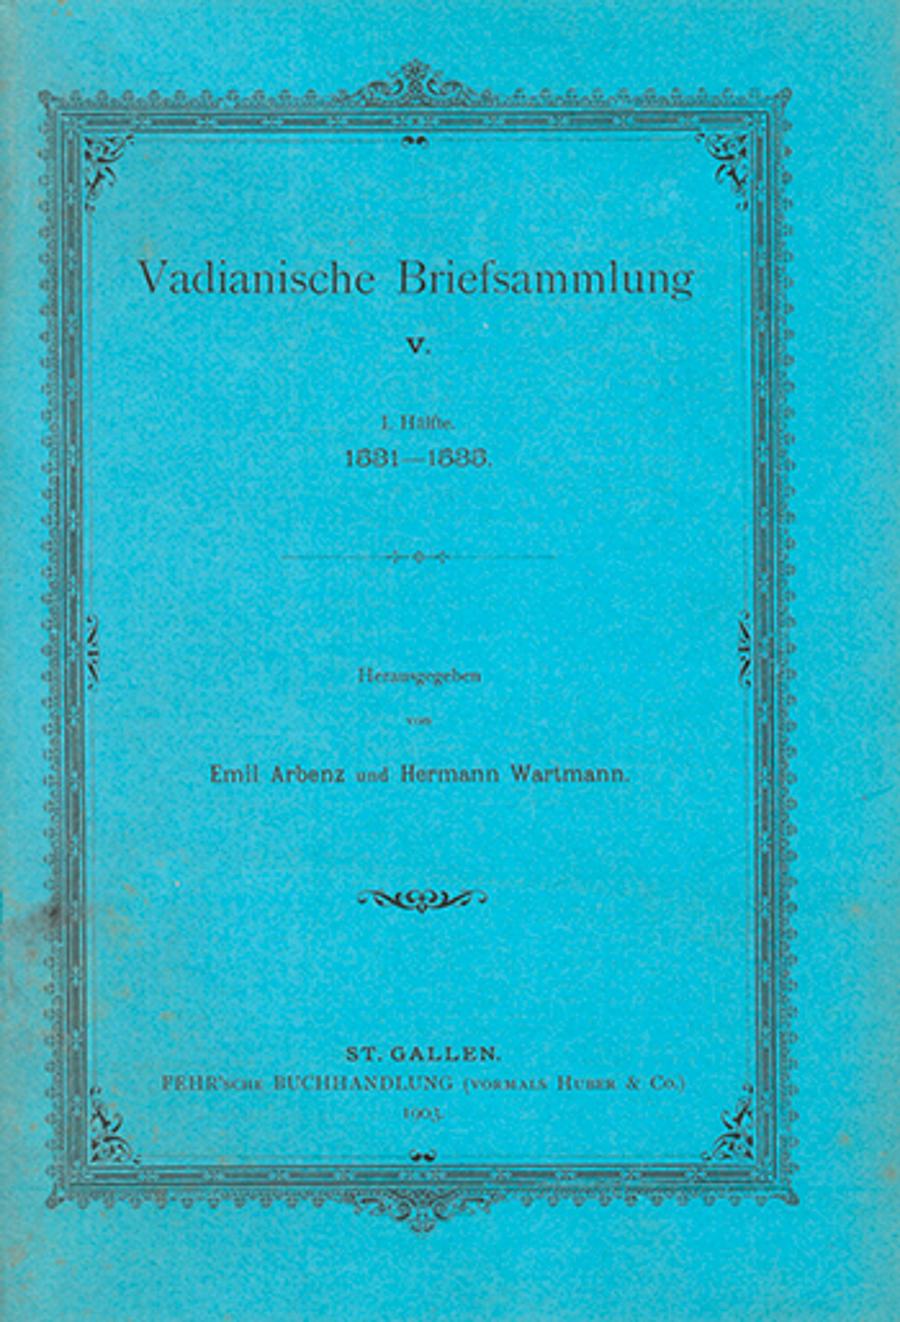 Vadianische Briefsammlung V.  <p><p>1. Hälfte 1531-1533